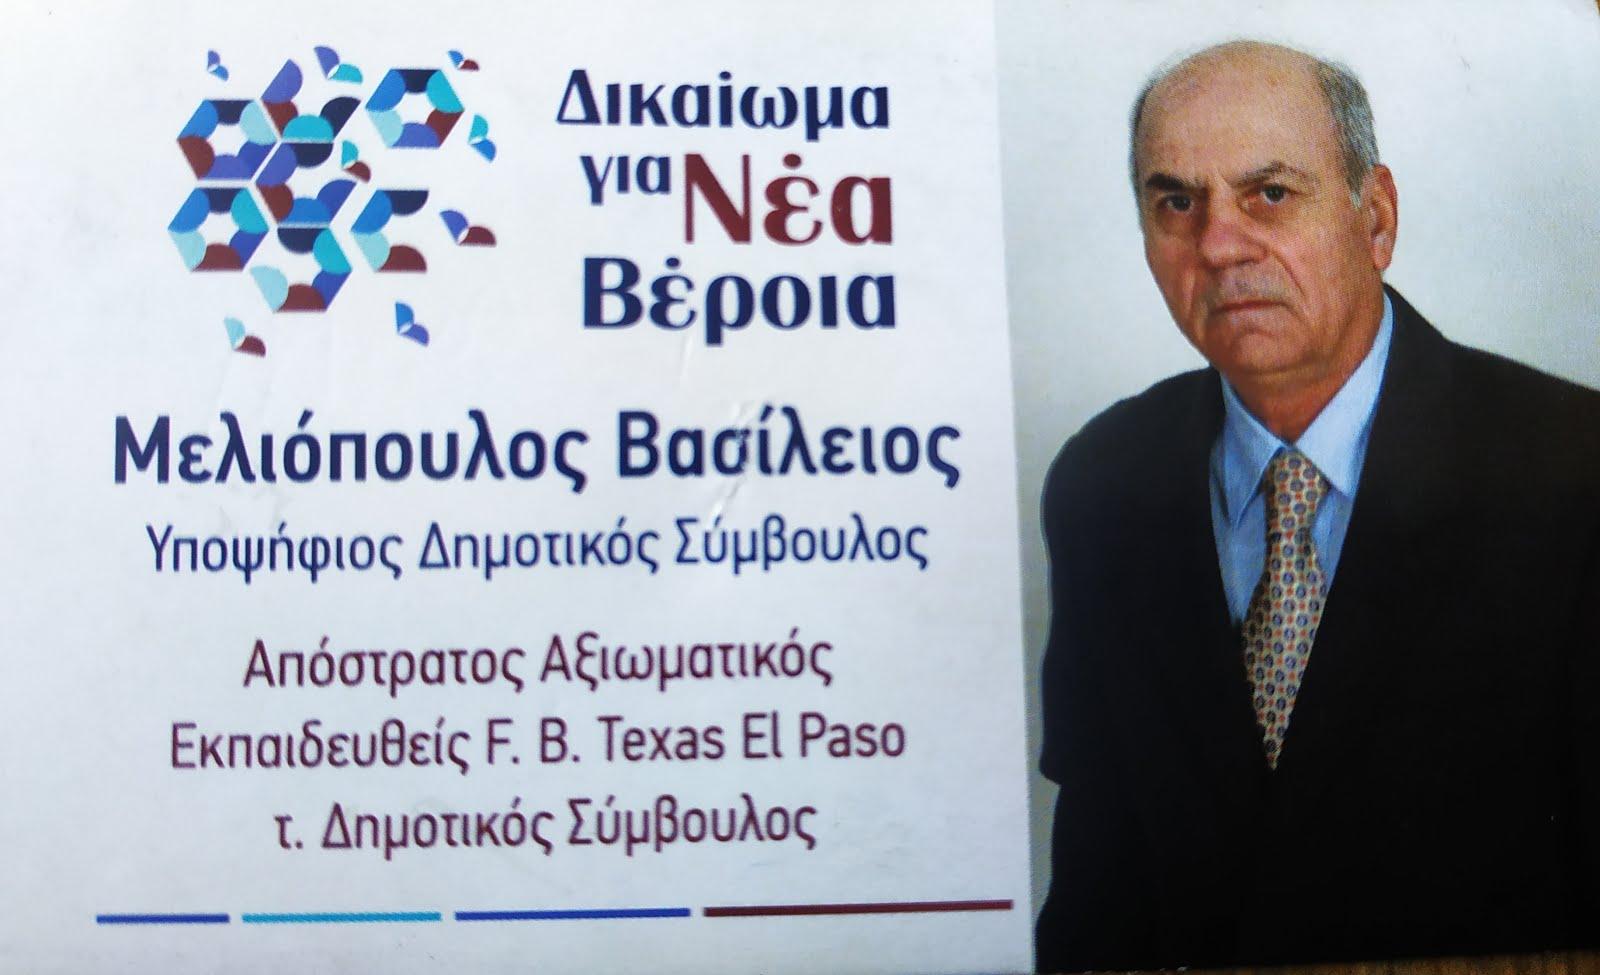 ΜΕΛΙΟΠΟΥΛΟΣ ΒΑΣΙΛΕΙΟΣ